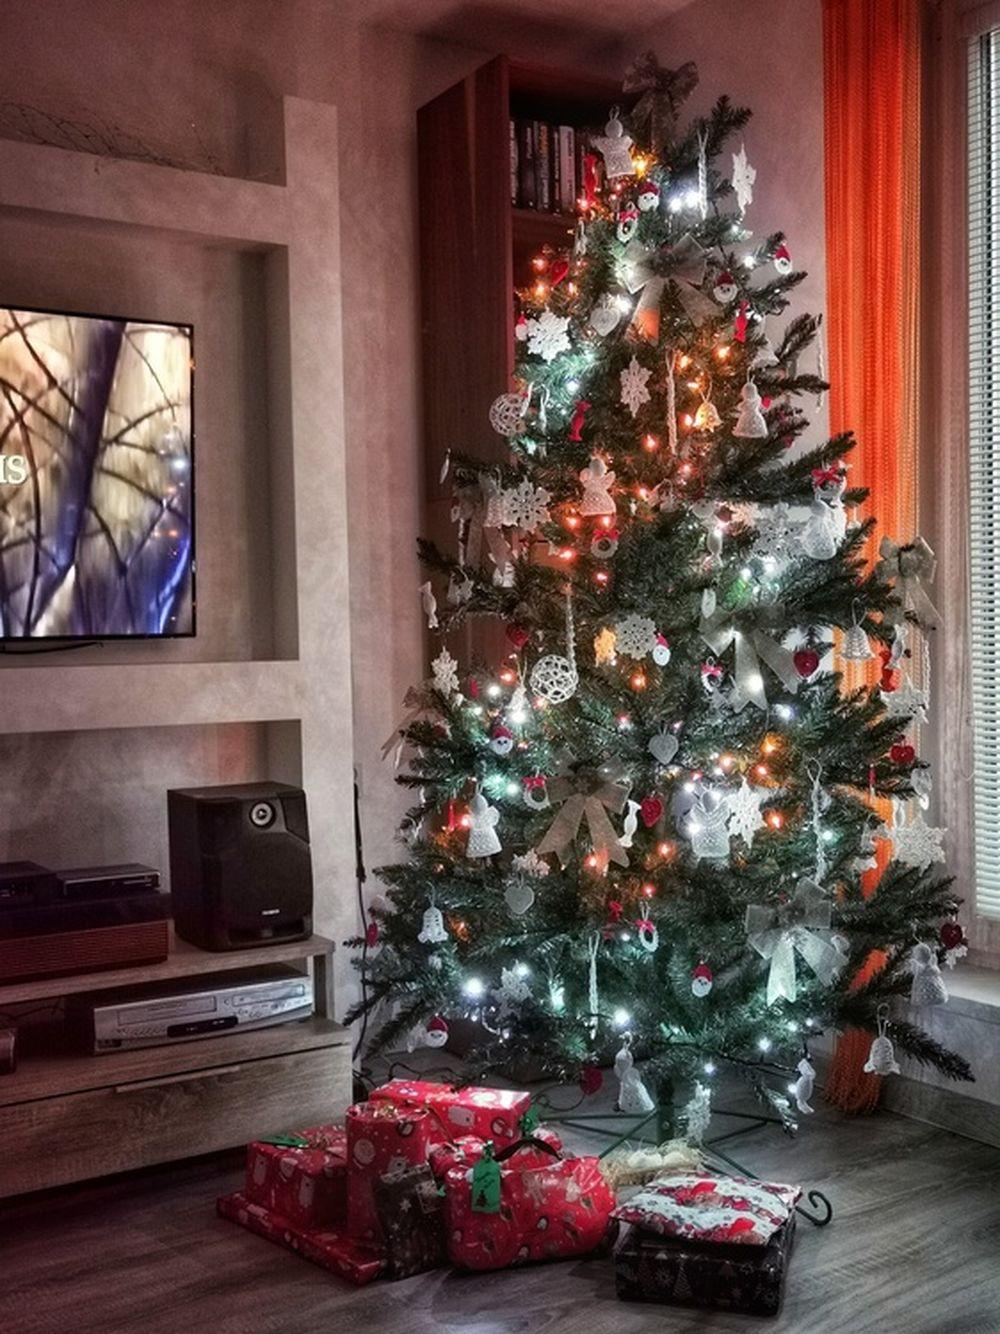 FOTO: Vianočné stromčeky v Žiline - výber fotografií našich čitateľov, foto 46